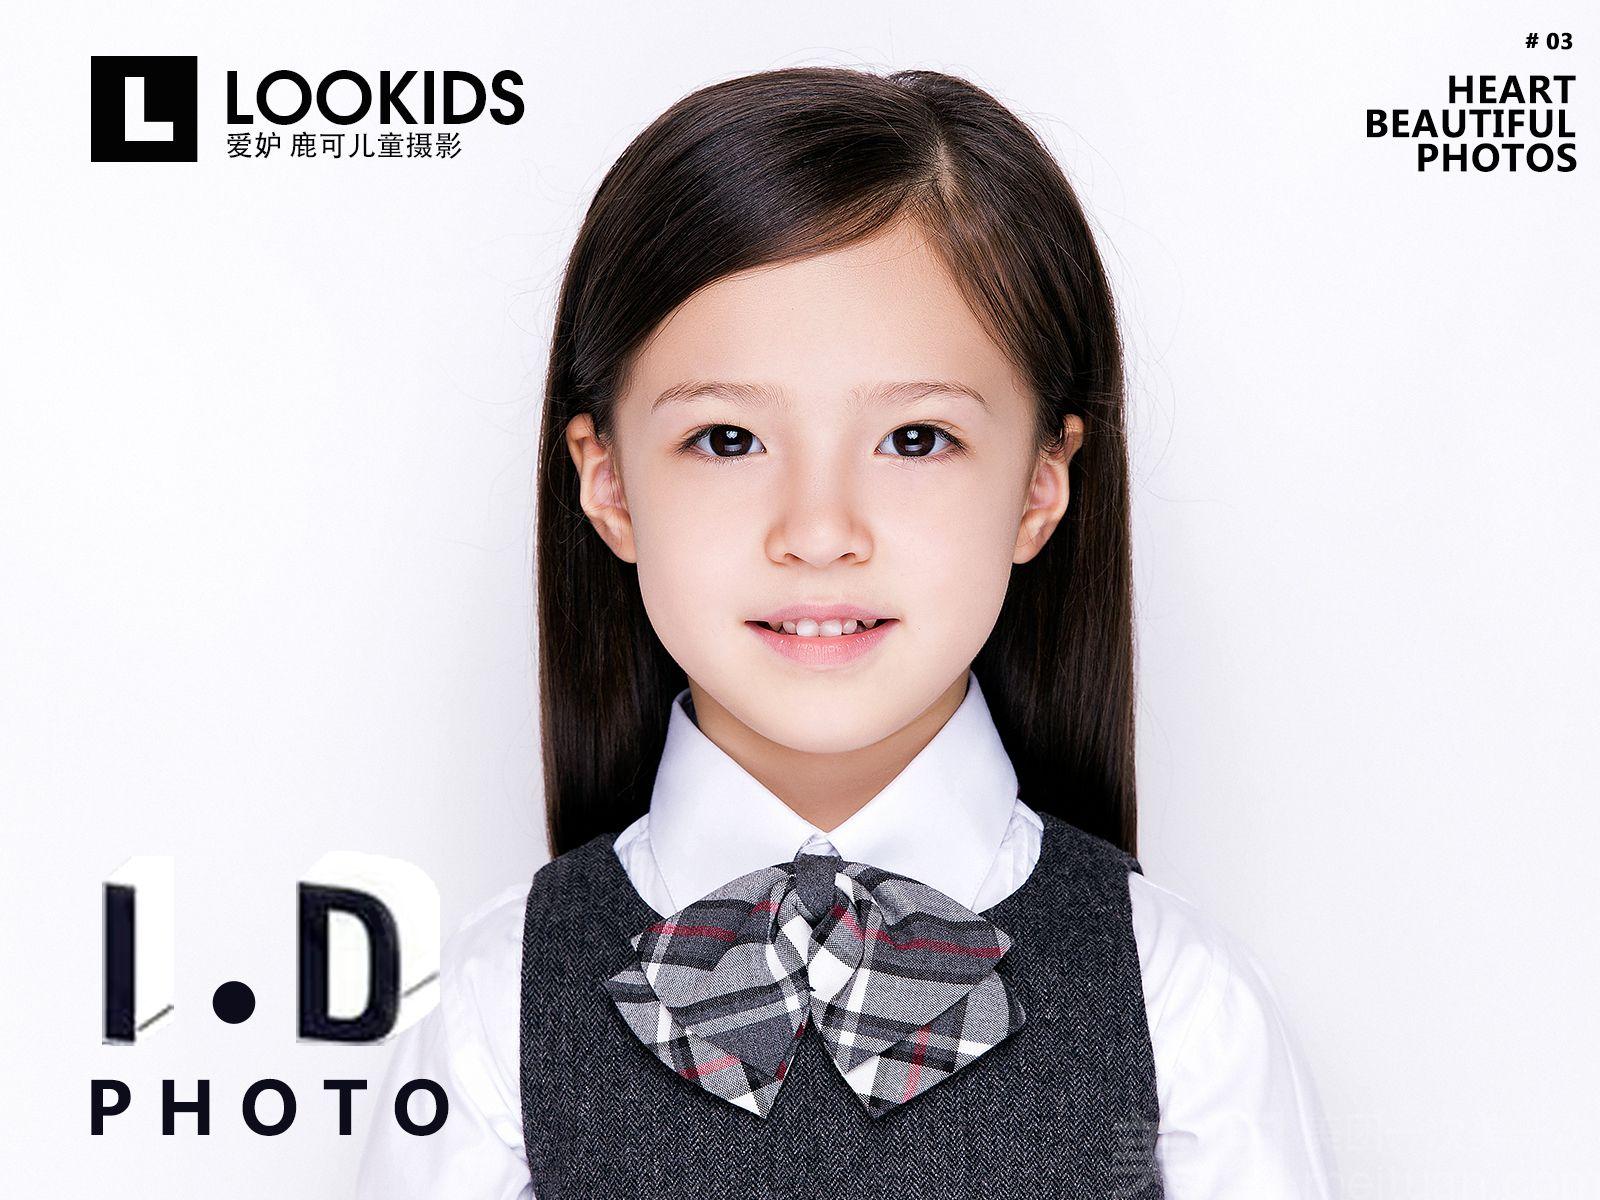 【lookids 鹿可儿童摄影】儿童证件照/形象照